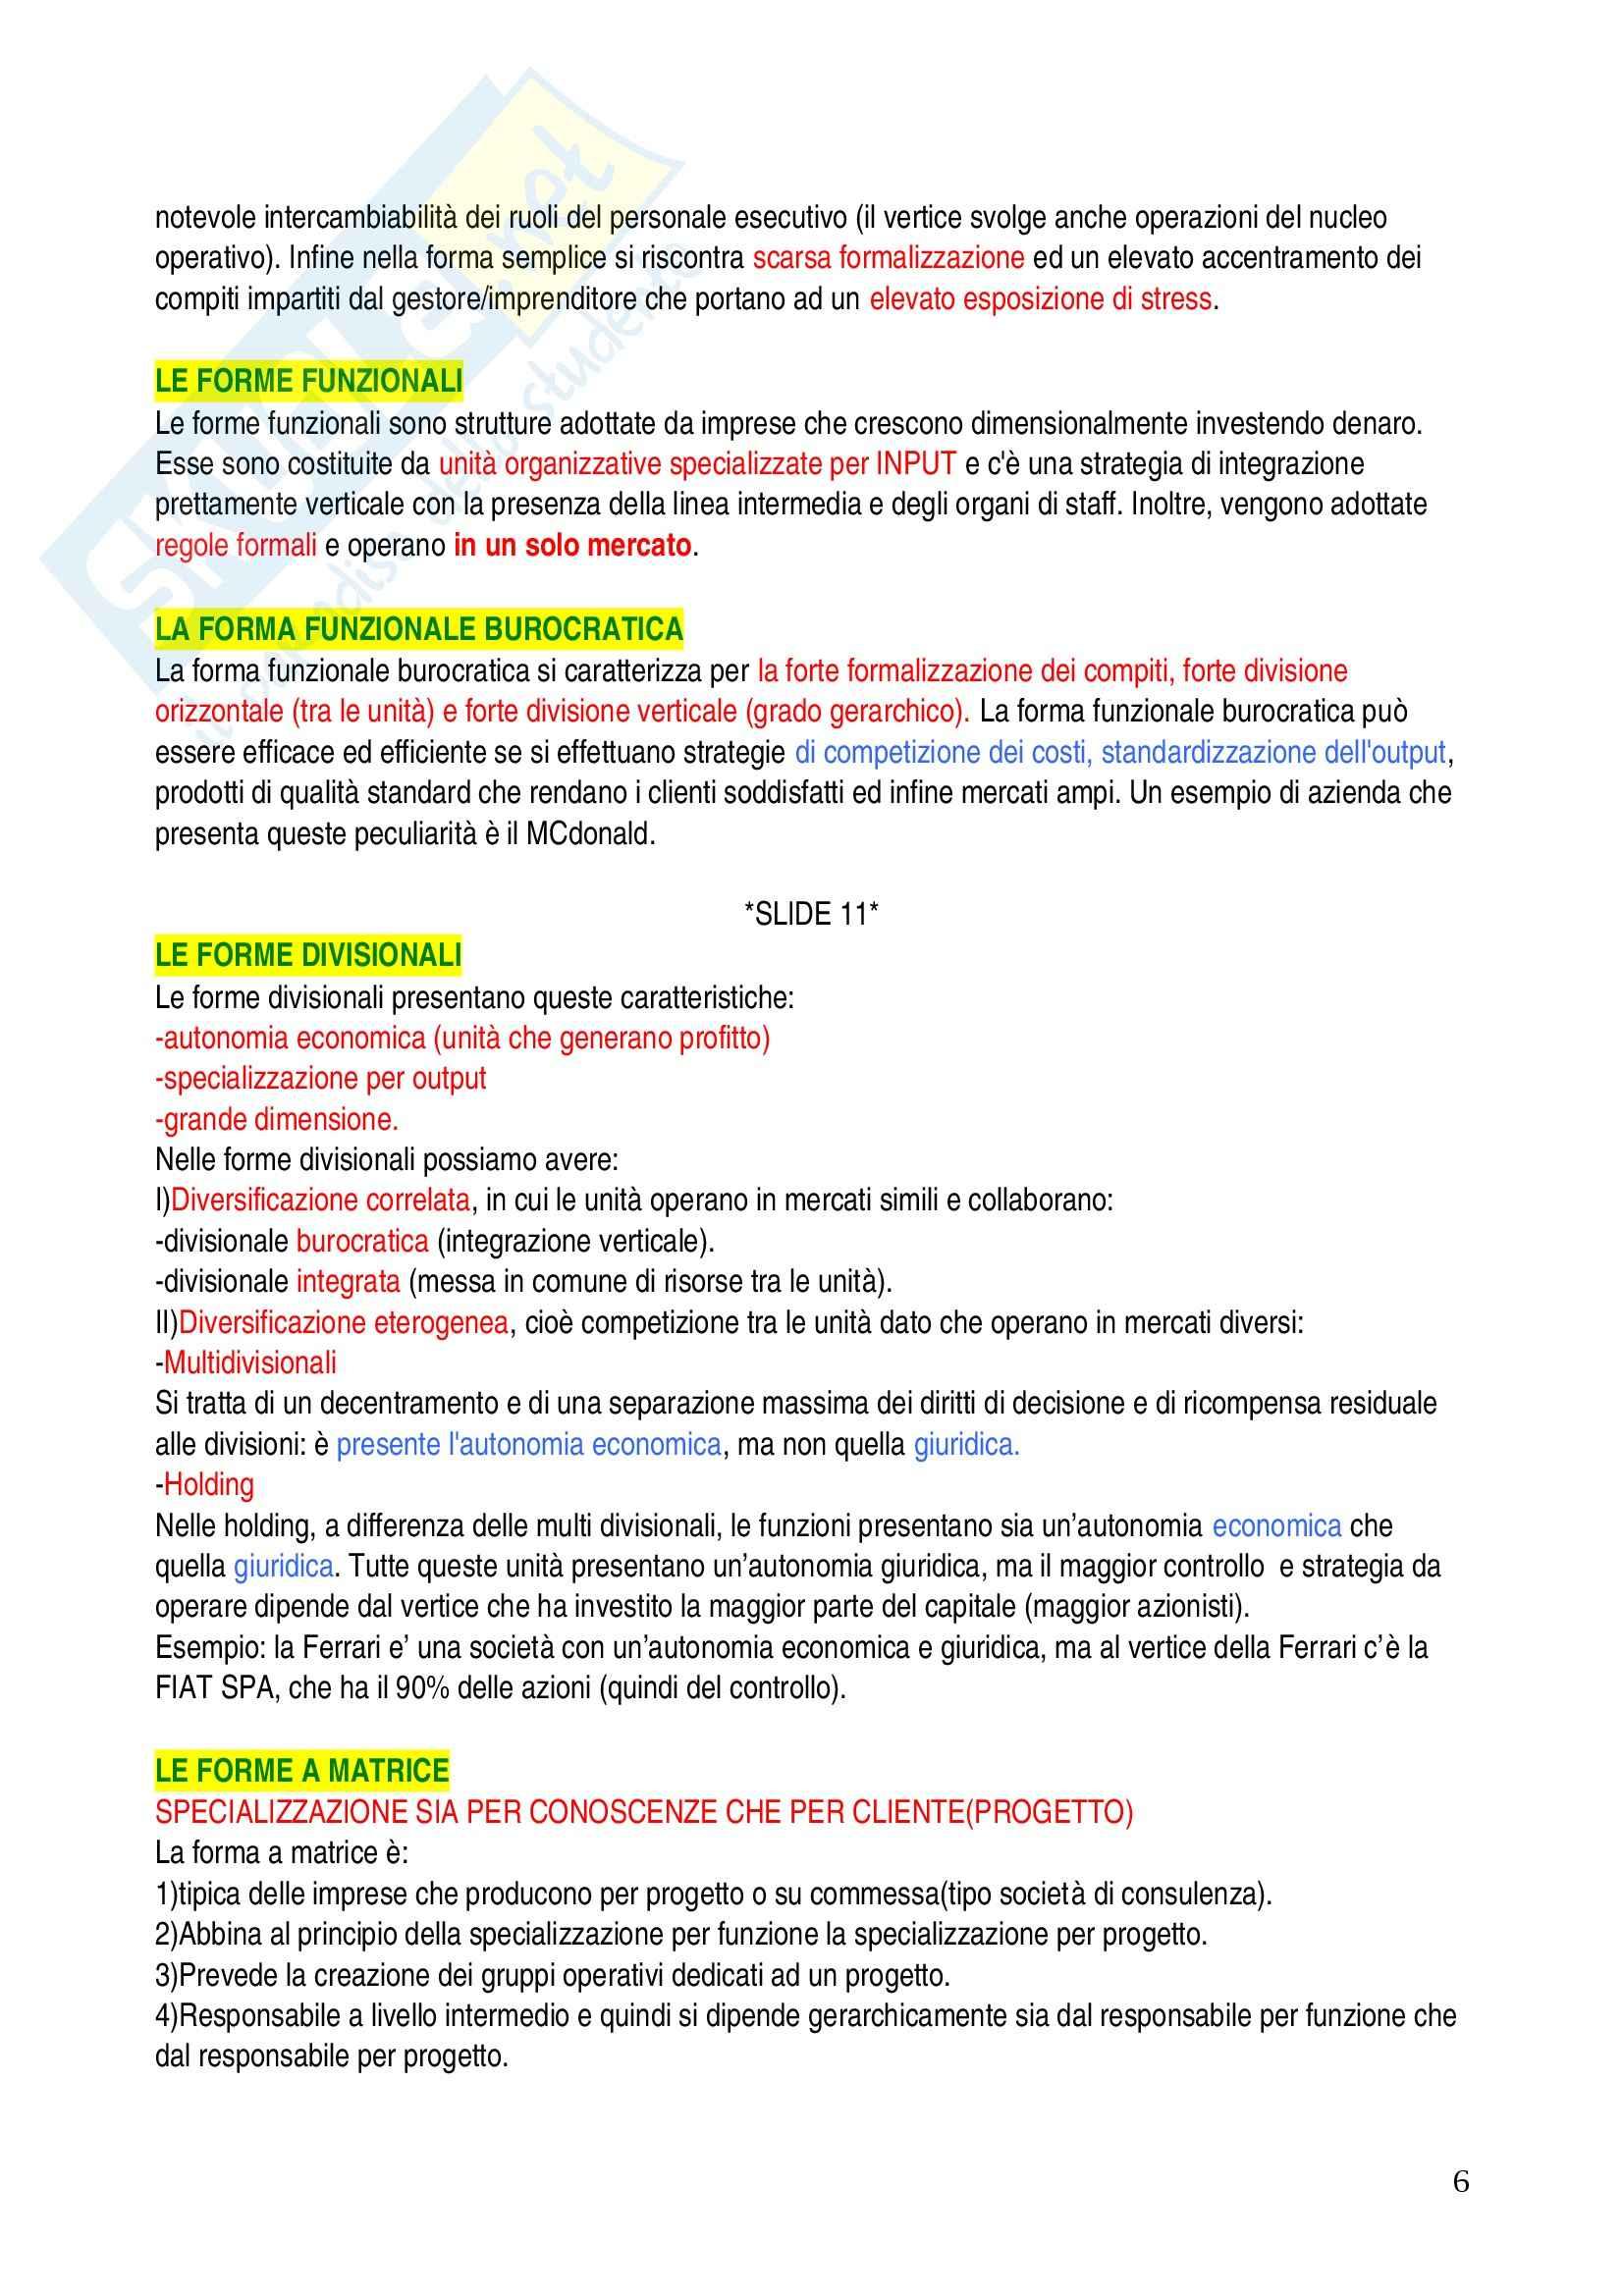 Economia ed organizzazione aziendale - domande Pag. 6